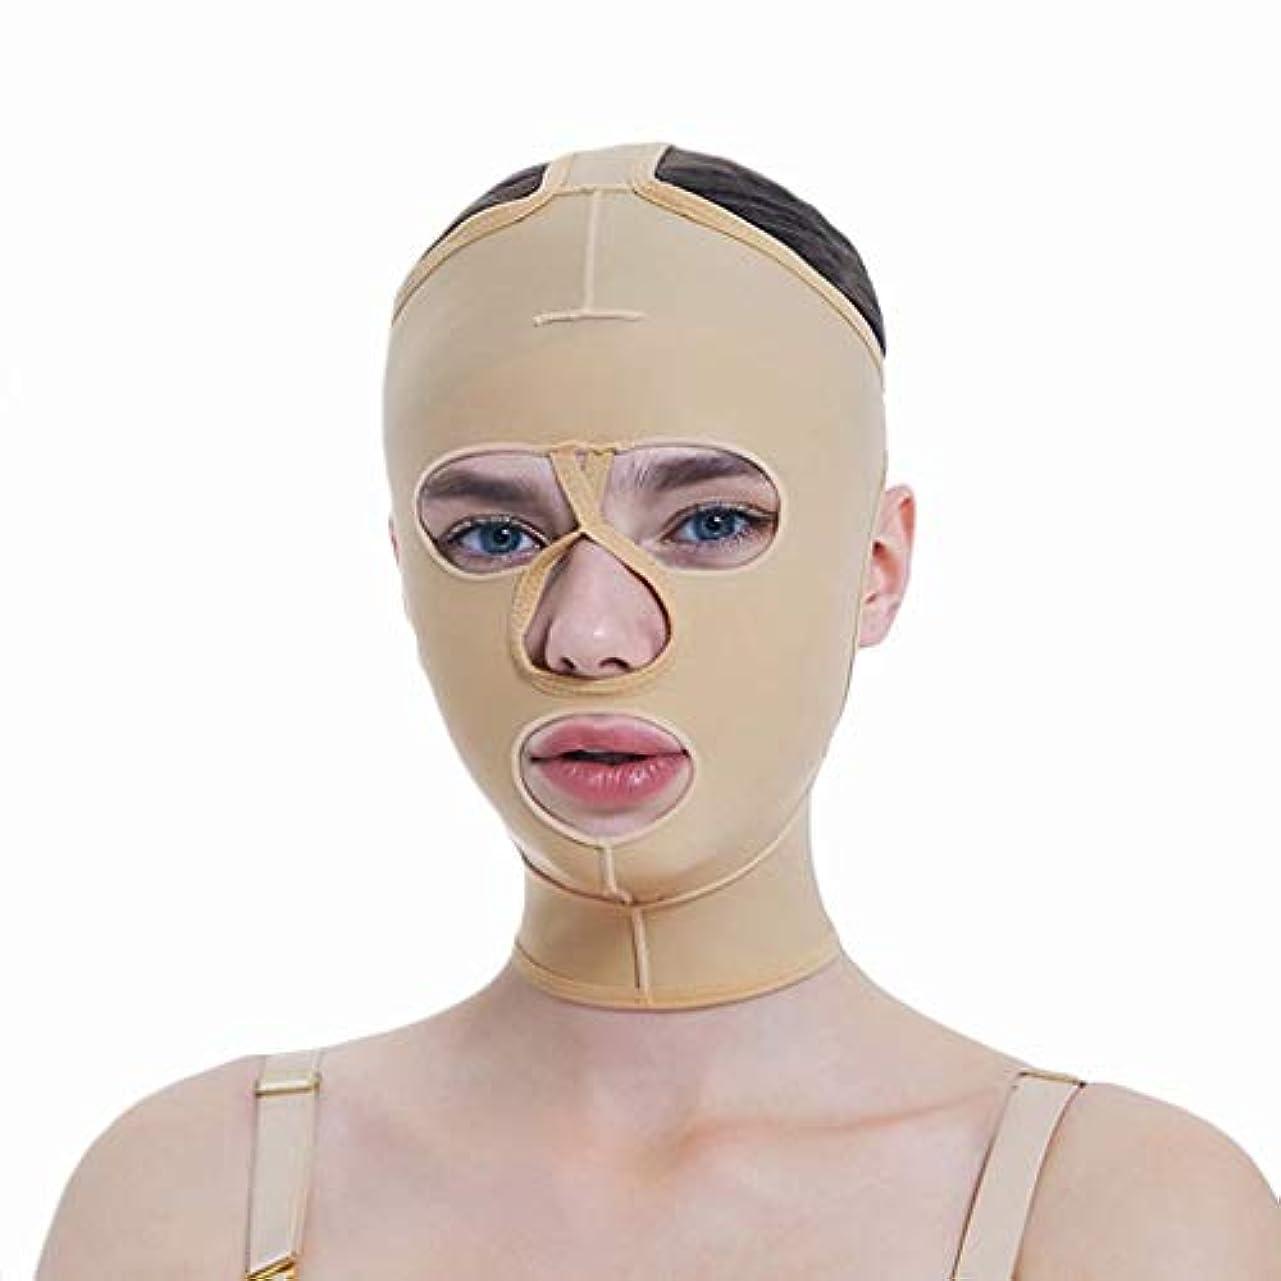 シンプルな賛美歌致命的フェイシャル減量マスク、フルカバレッジ包帯、フルフェイスリフティングマスク、フェイスマスク、快適で リフティングシェーピング(サイズ:S),S